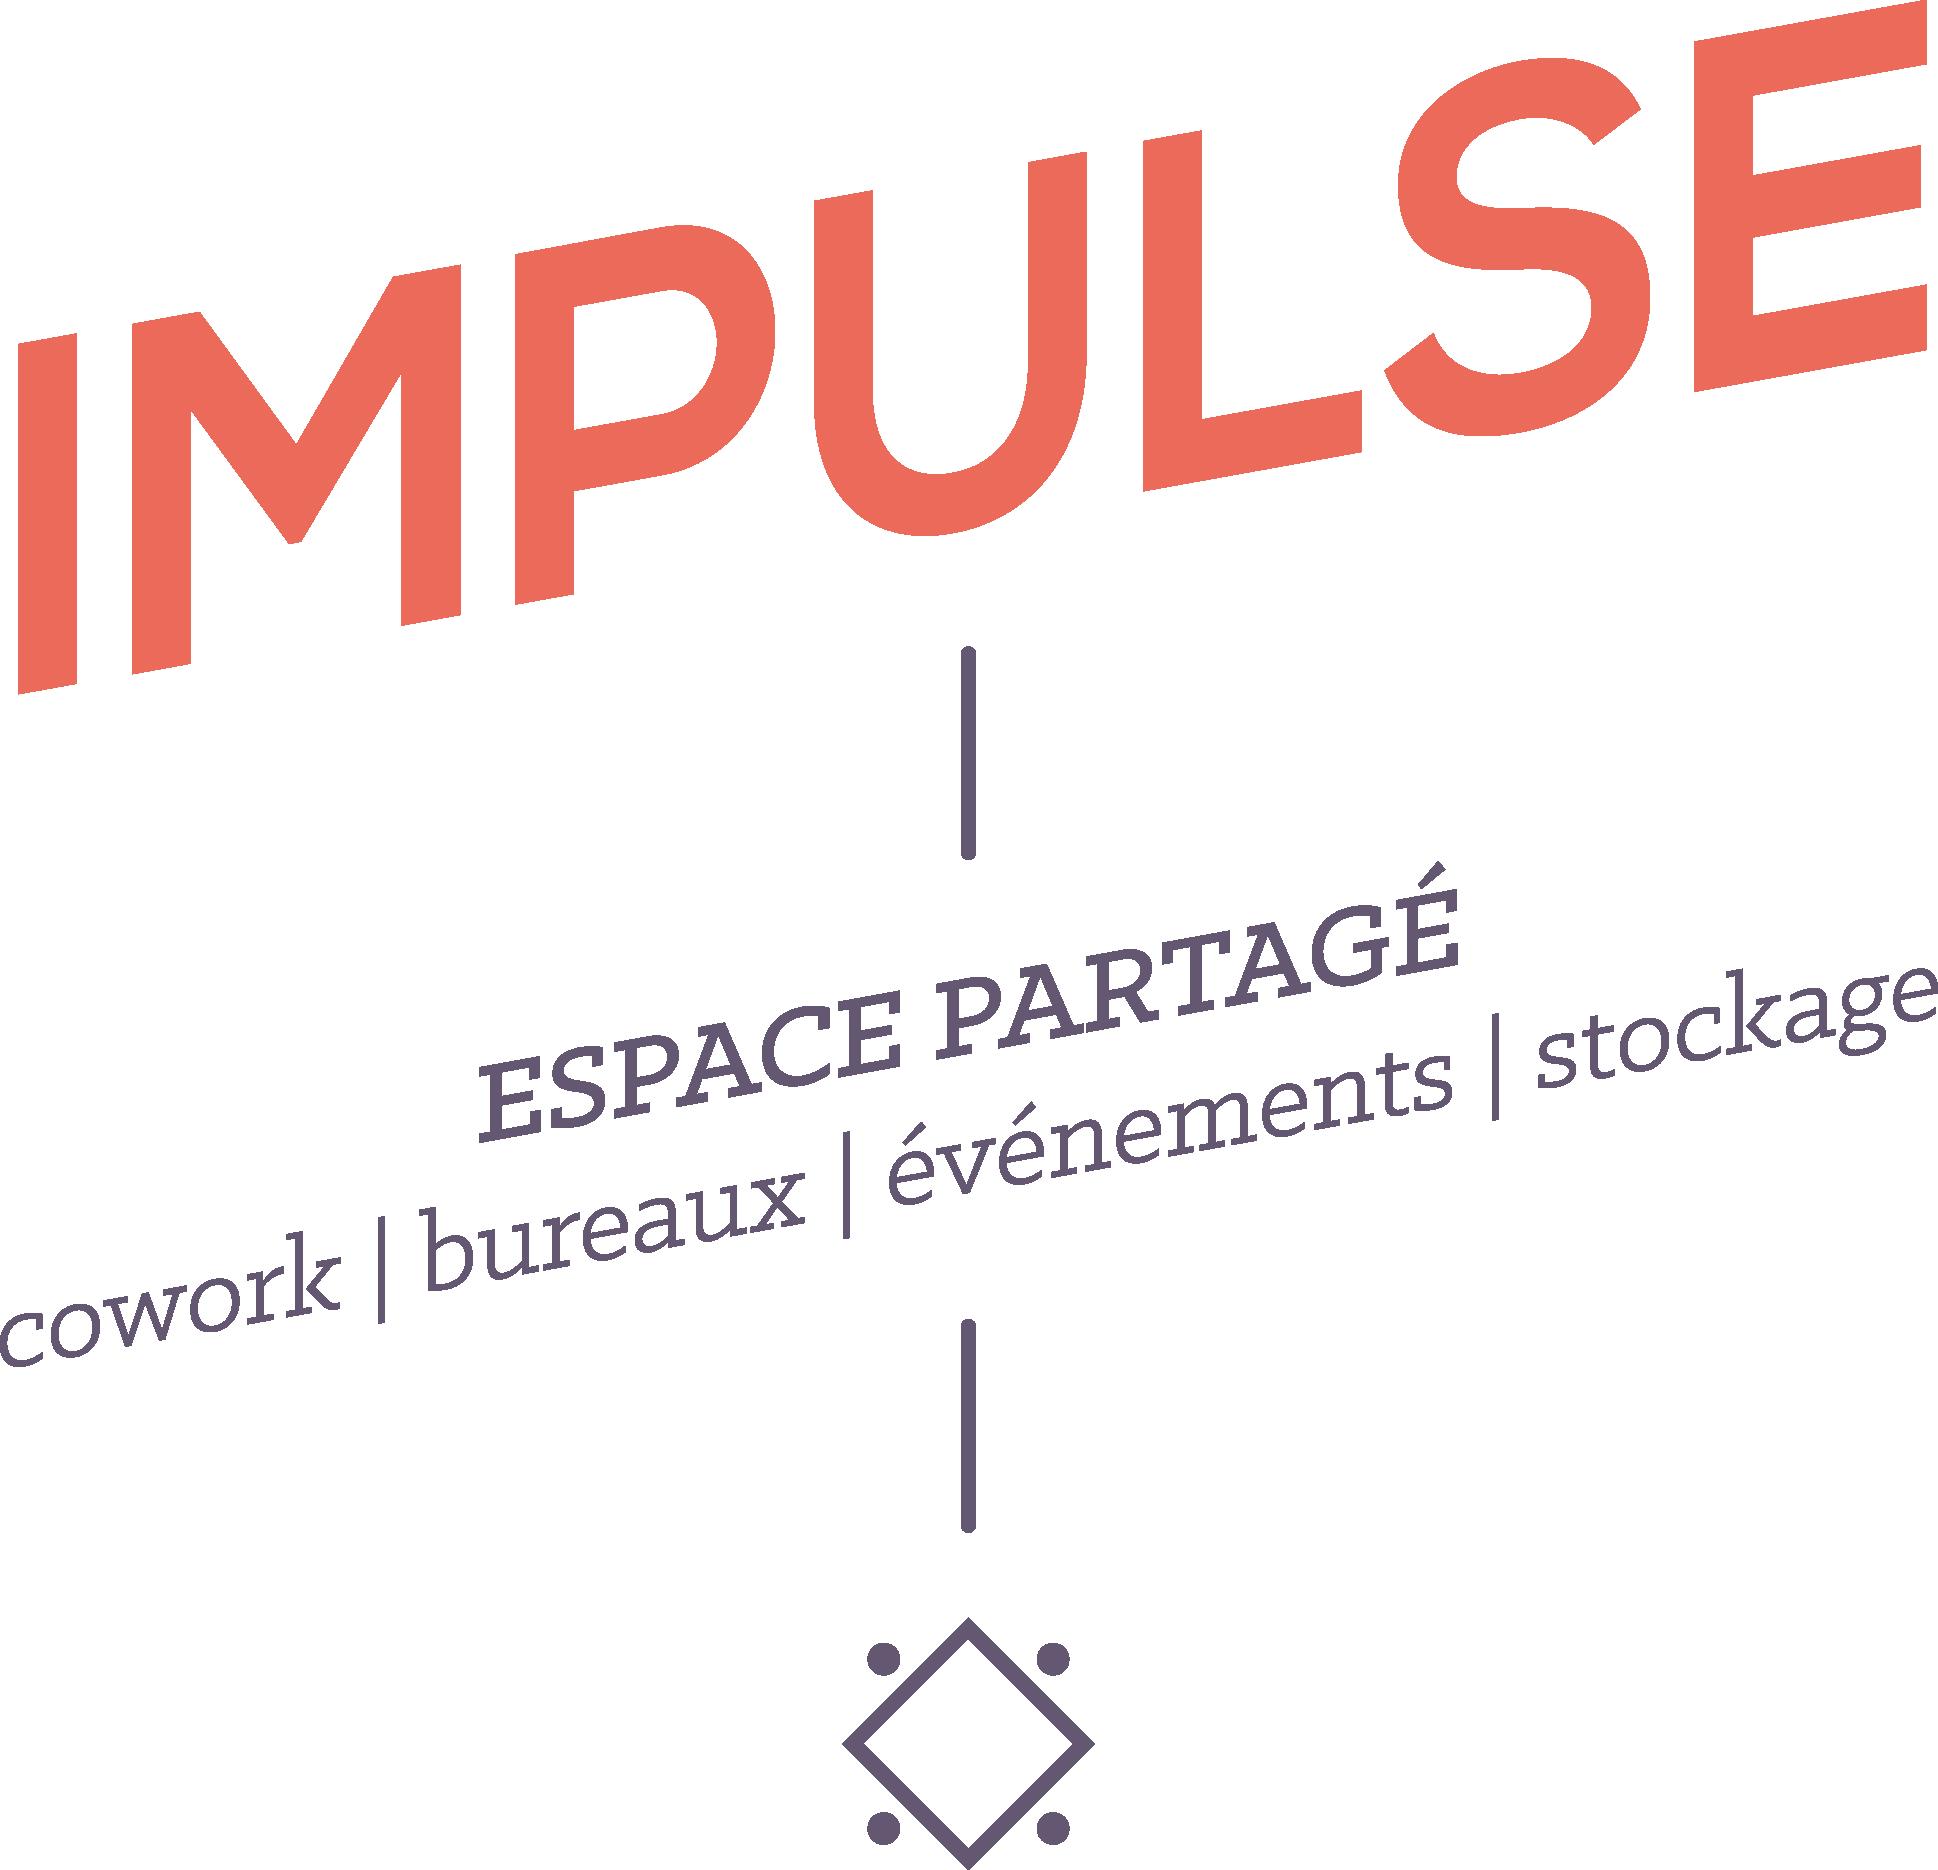 espace partagé d'une capacité de 10 personnes à Le-Puy-en-Velay